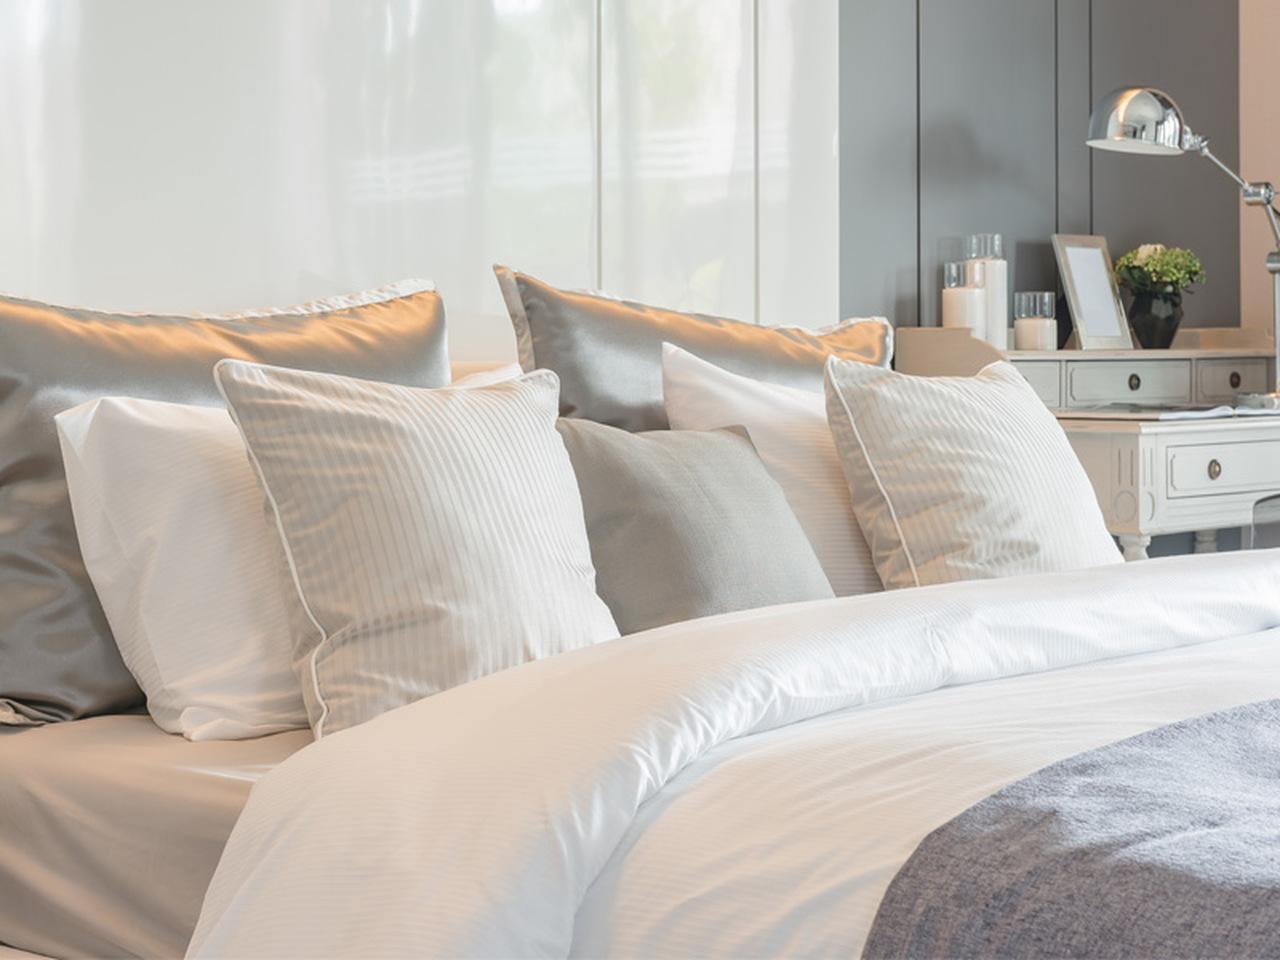 yatak görünümü, ipek nevresim, yastıklar ve nevresim takımı